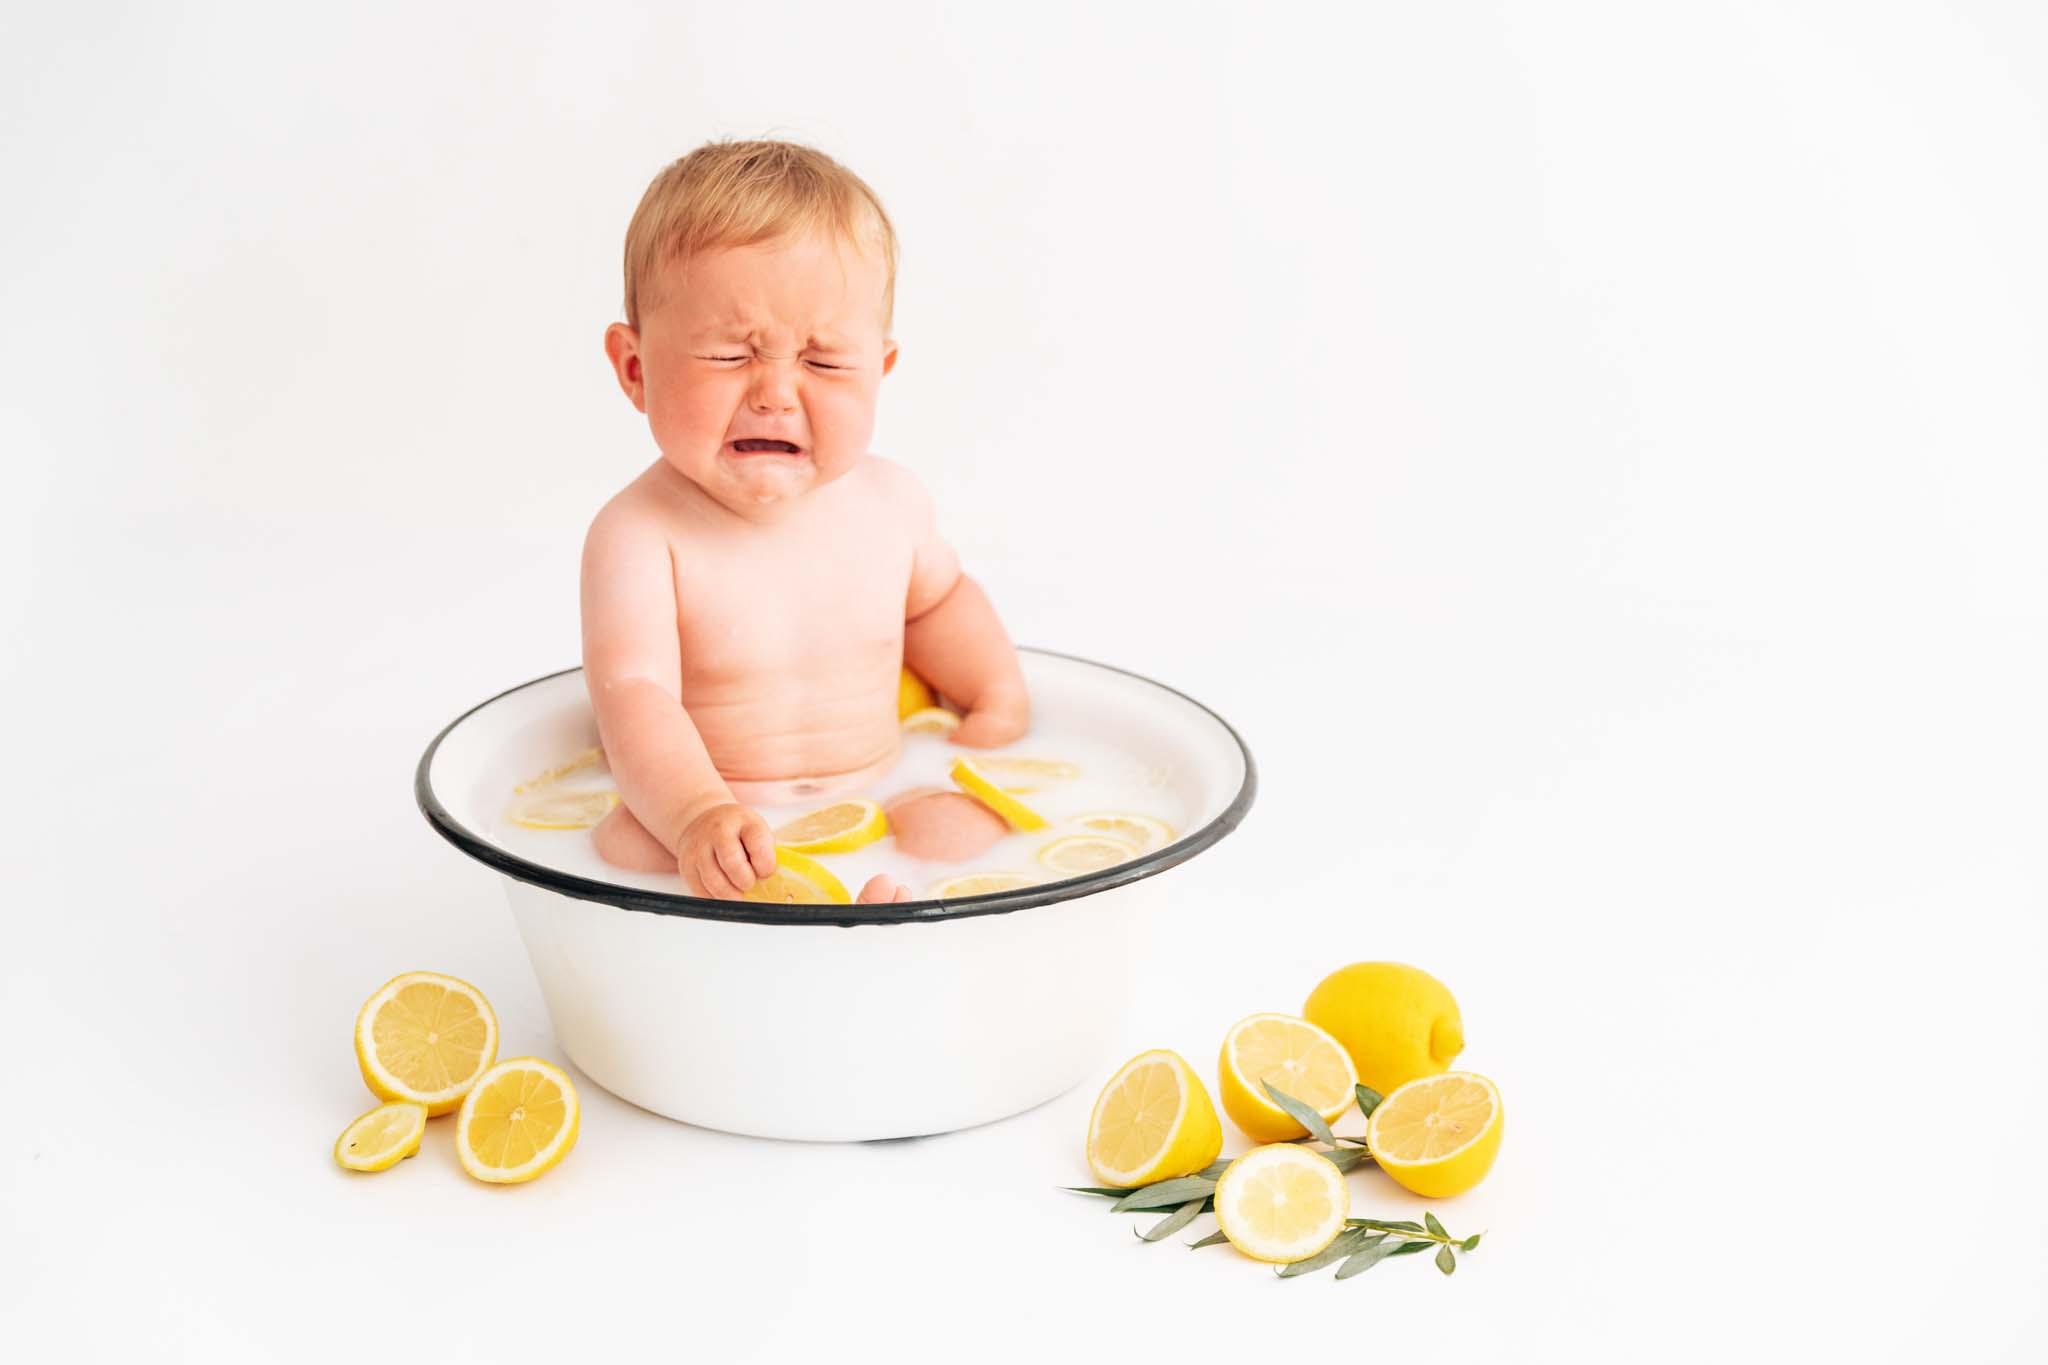 Babyfotograf München: Milchbad-Shooting mit Zitrone , Baby weint